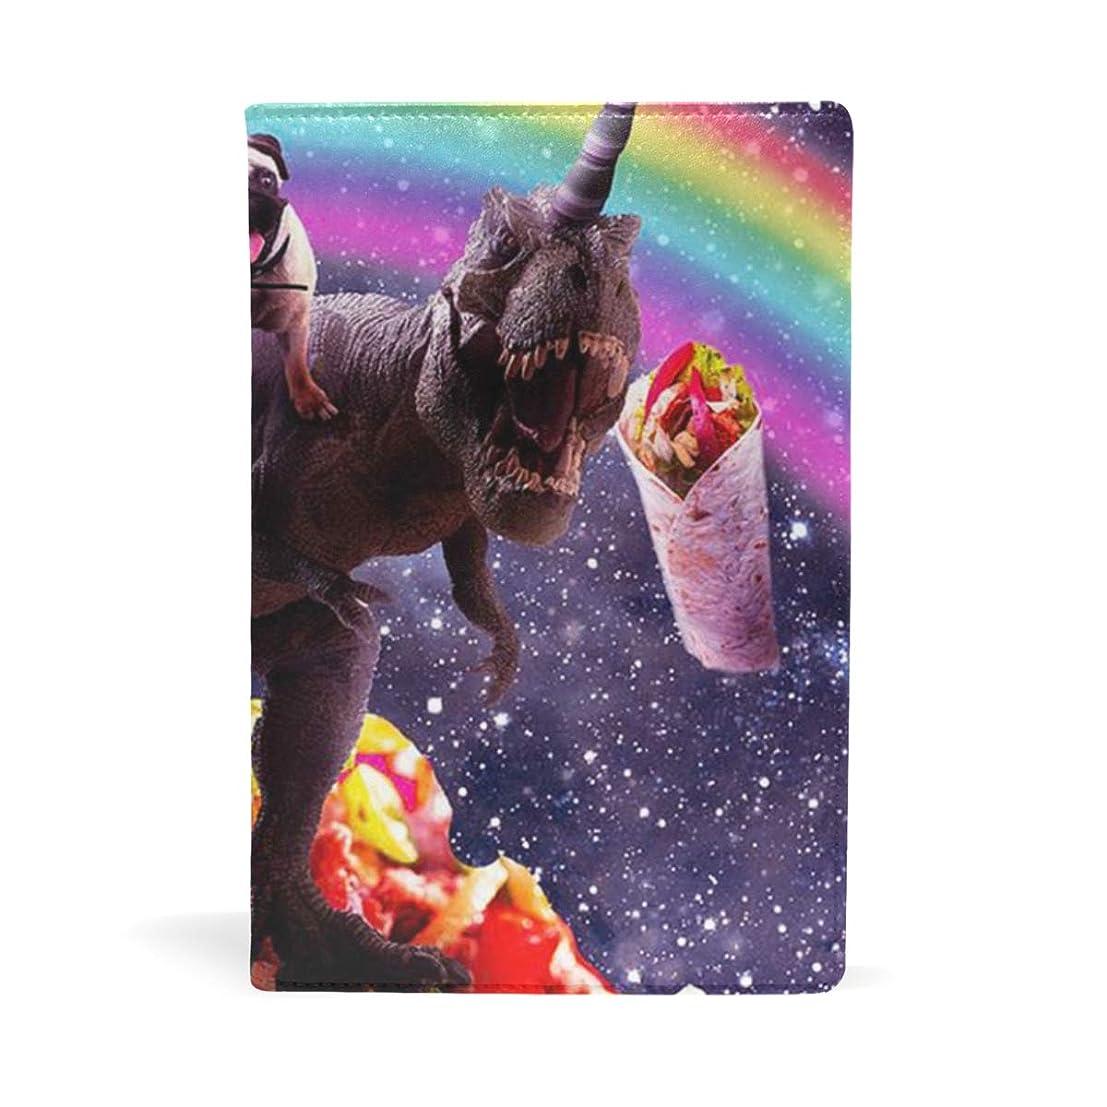 注ぎます建てるバナナパグ乗る恐竜 タコス ブックカバー 文庫 a5 皮革 おしゃれ 文庫本カバー 資料 収納入れ オフィス用品 読書 雑貨 プレゼント耐久性に優れ